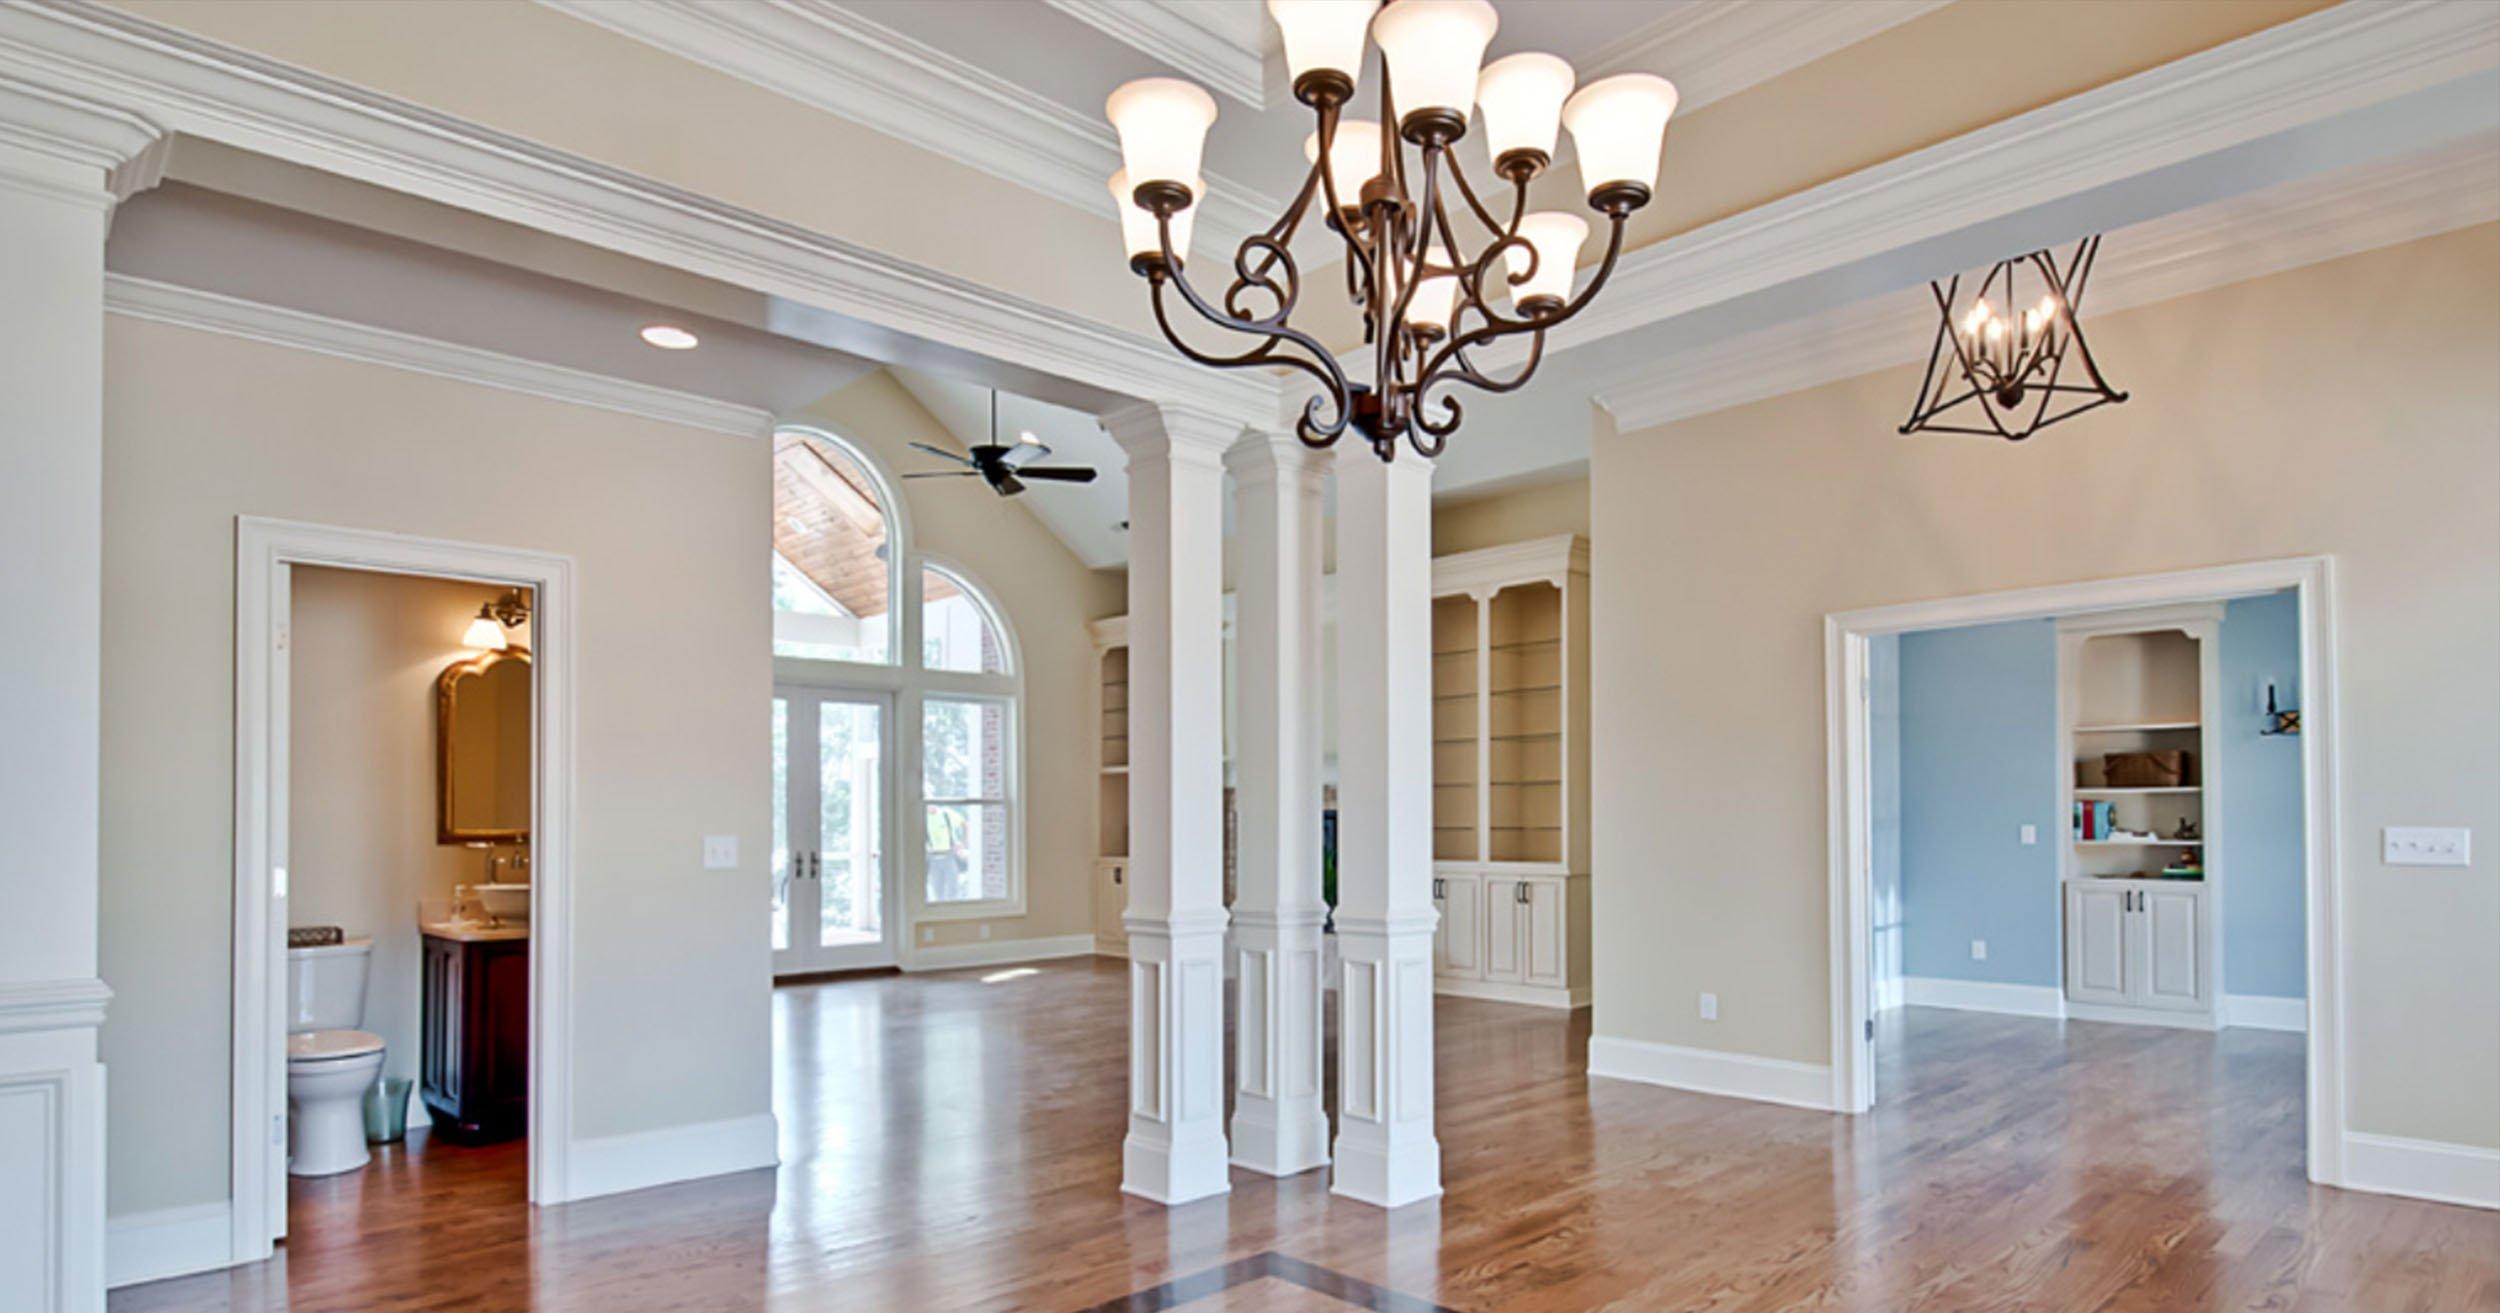 Feature Spotlight: A2E Builders - Client Selections